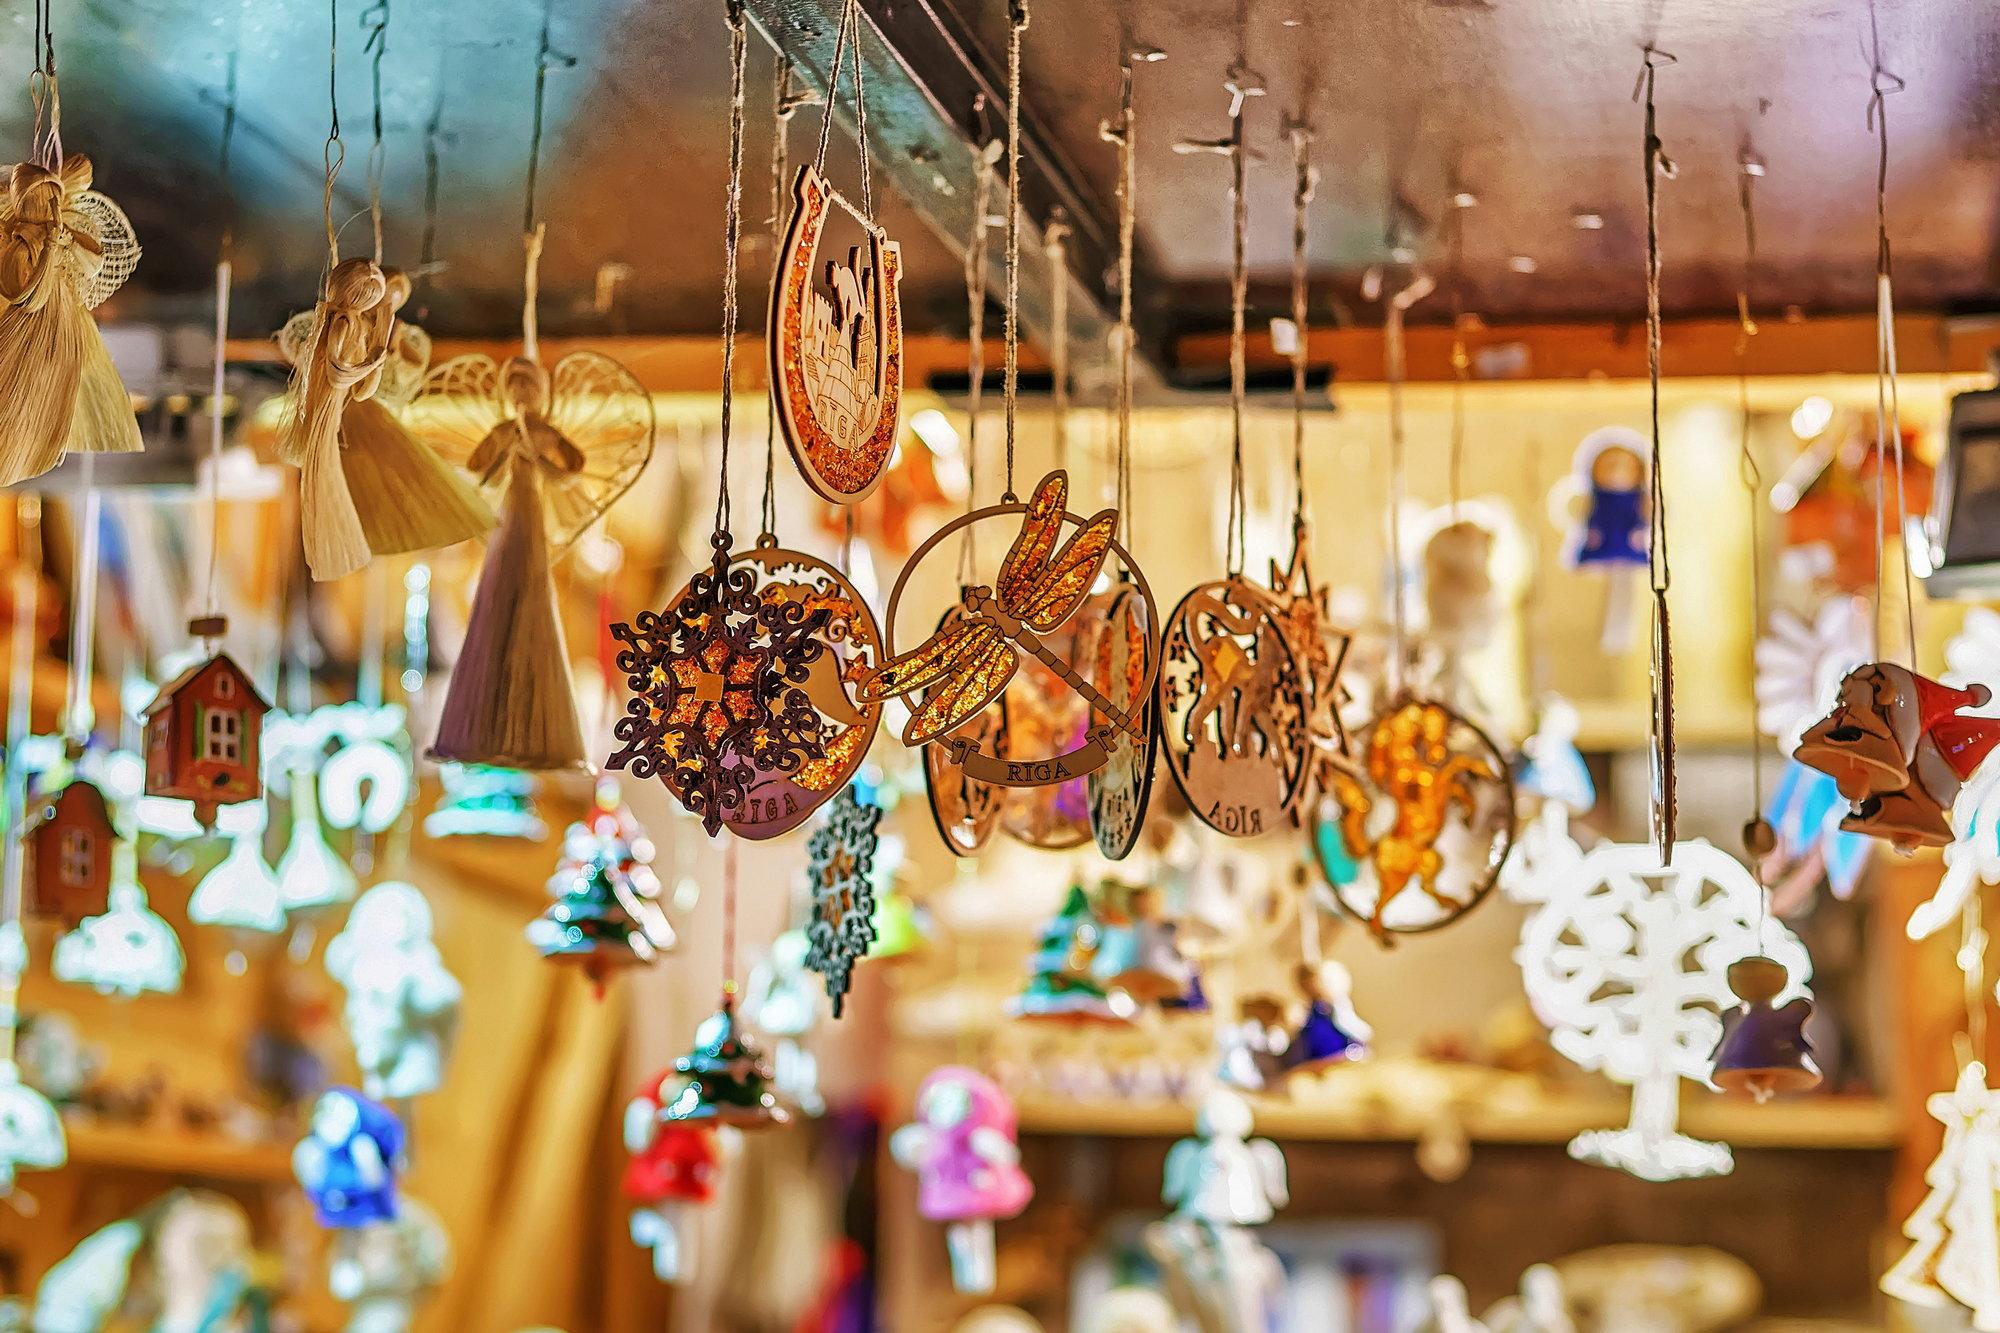 02-feria-mercado-de-artesania-de-la-comunidad-de-madrid-gettyimages-621231528